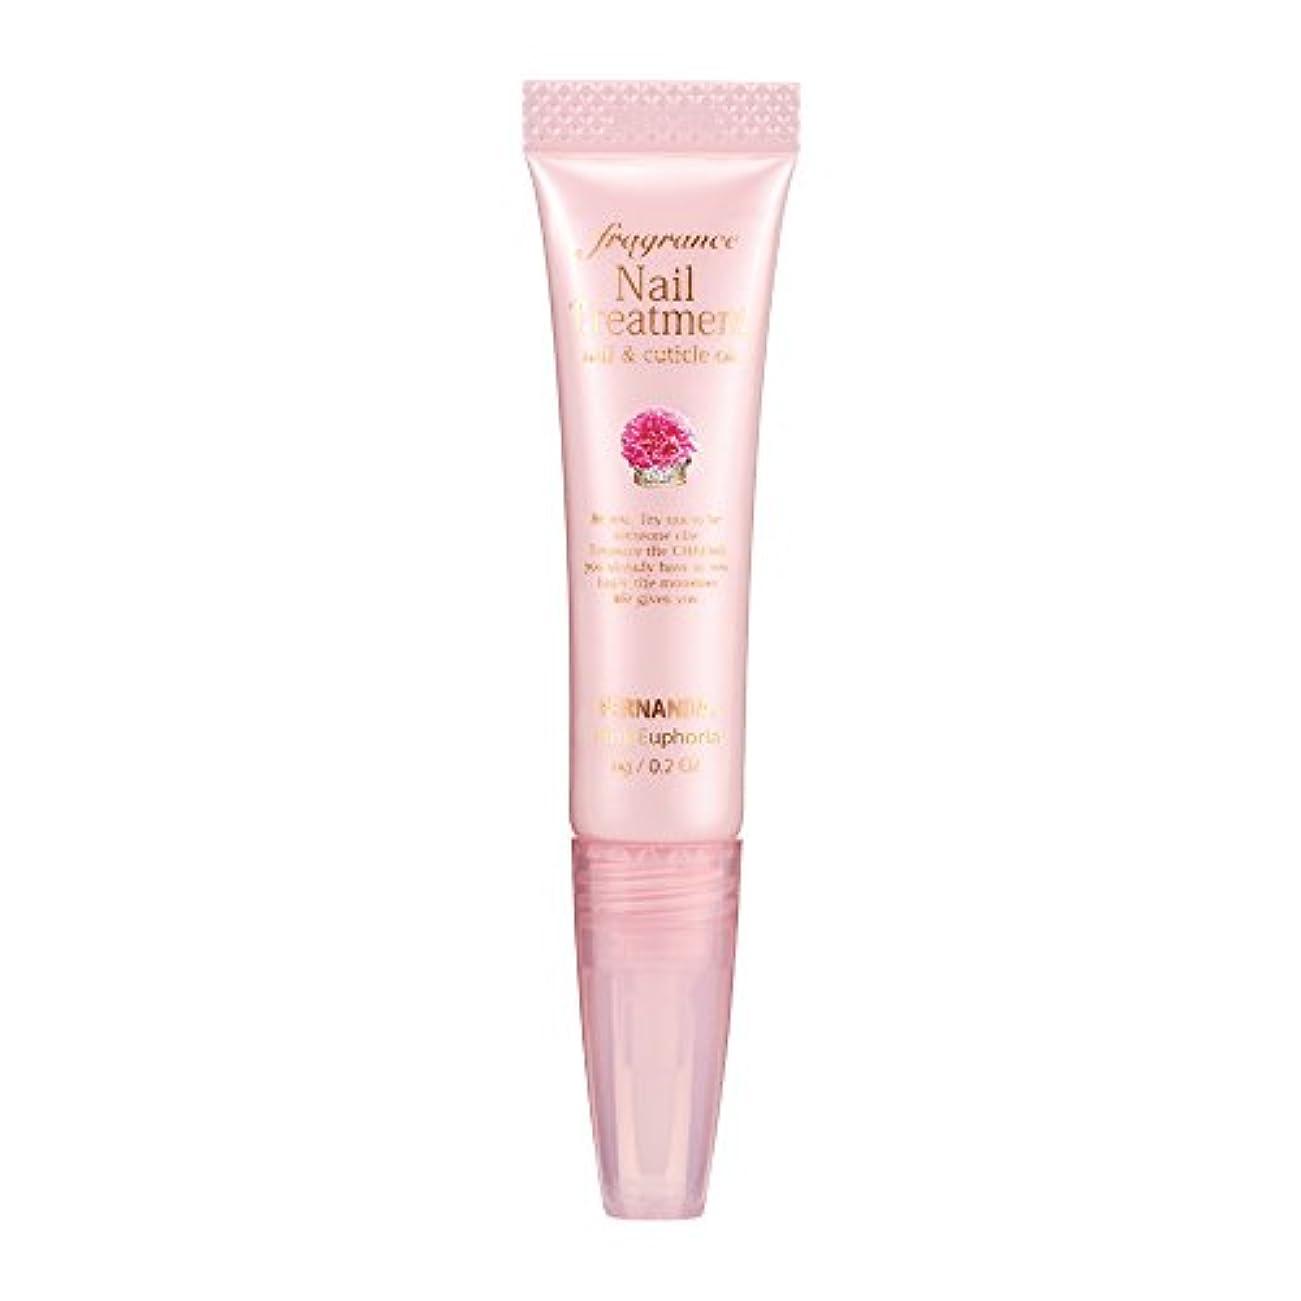 移動する憂鬱な手足FERNANDA(フェルナンダ) Fragrance Nail Treatment Pink Euphoria (ネイルトリートメント ピンクエウフォリア)